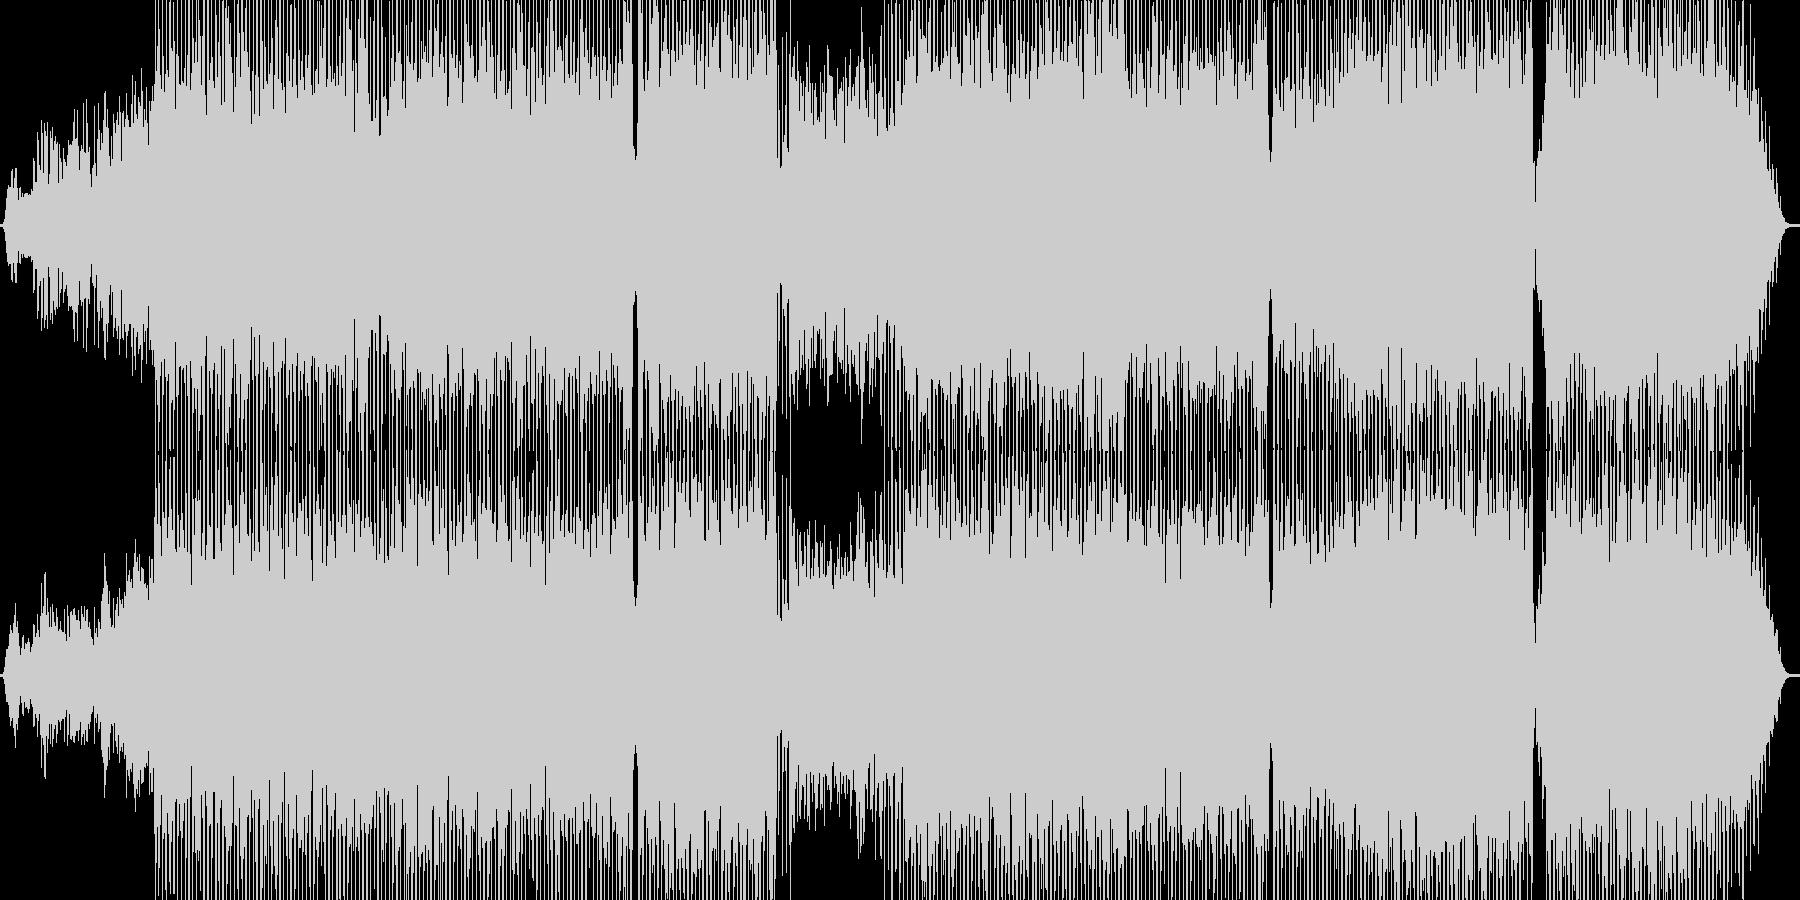 マイナー系のミドルテンポのロック調JP…の未再生の波形